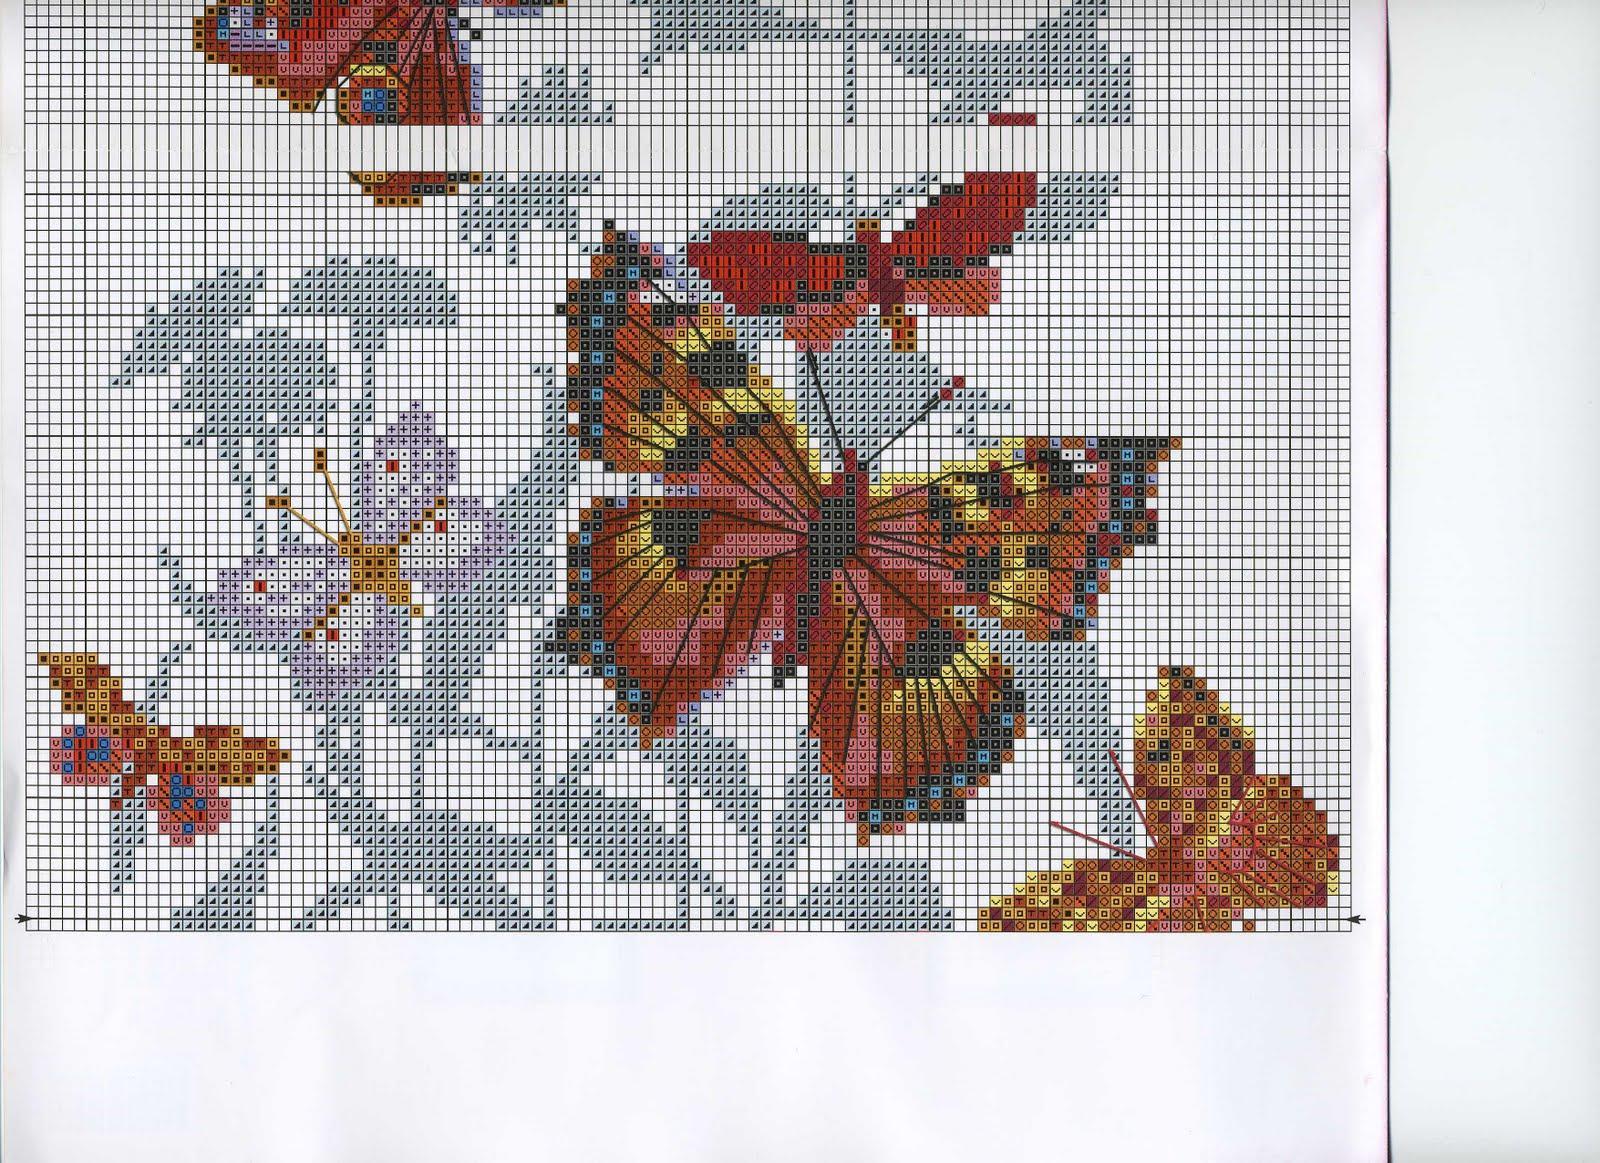 Вышивка крестиком как с бабочкой